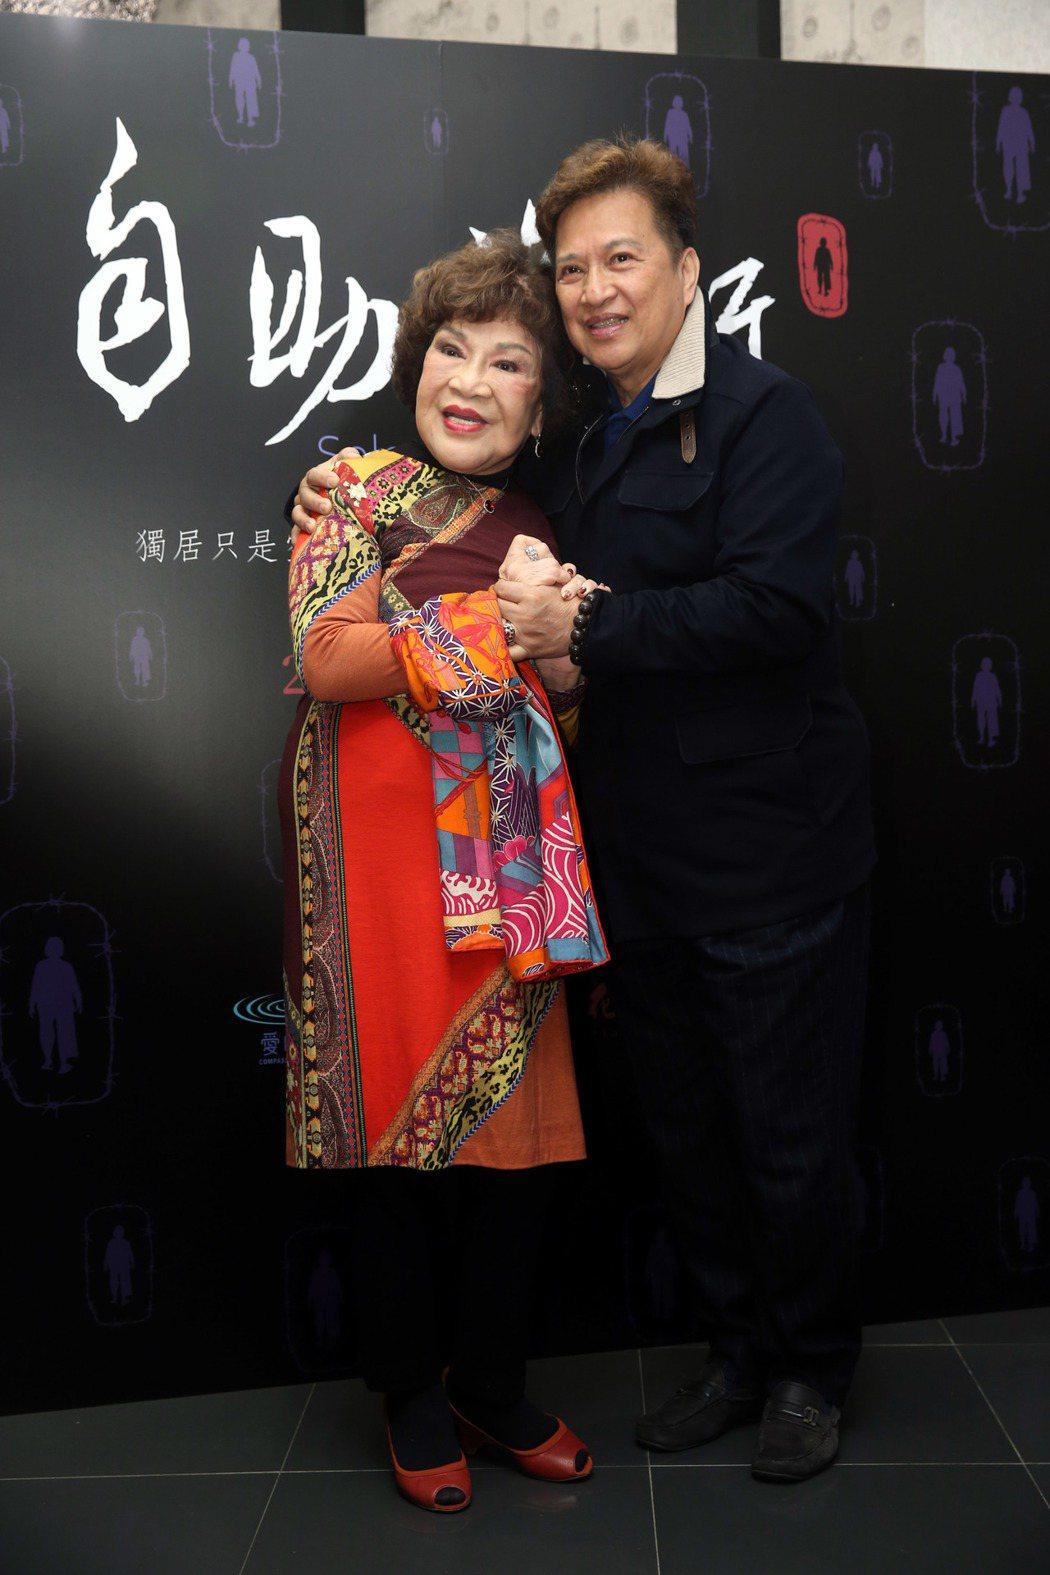 周遊(左起)、李朝永為公益電影《自助旅行》放映會站台,並發表對老年生活的想法。記...